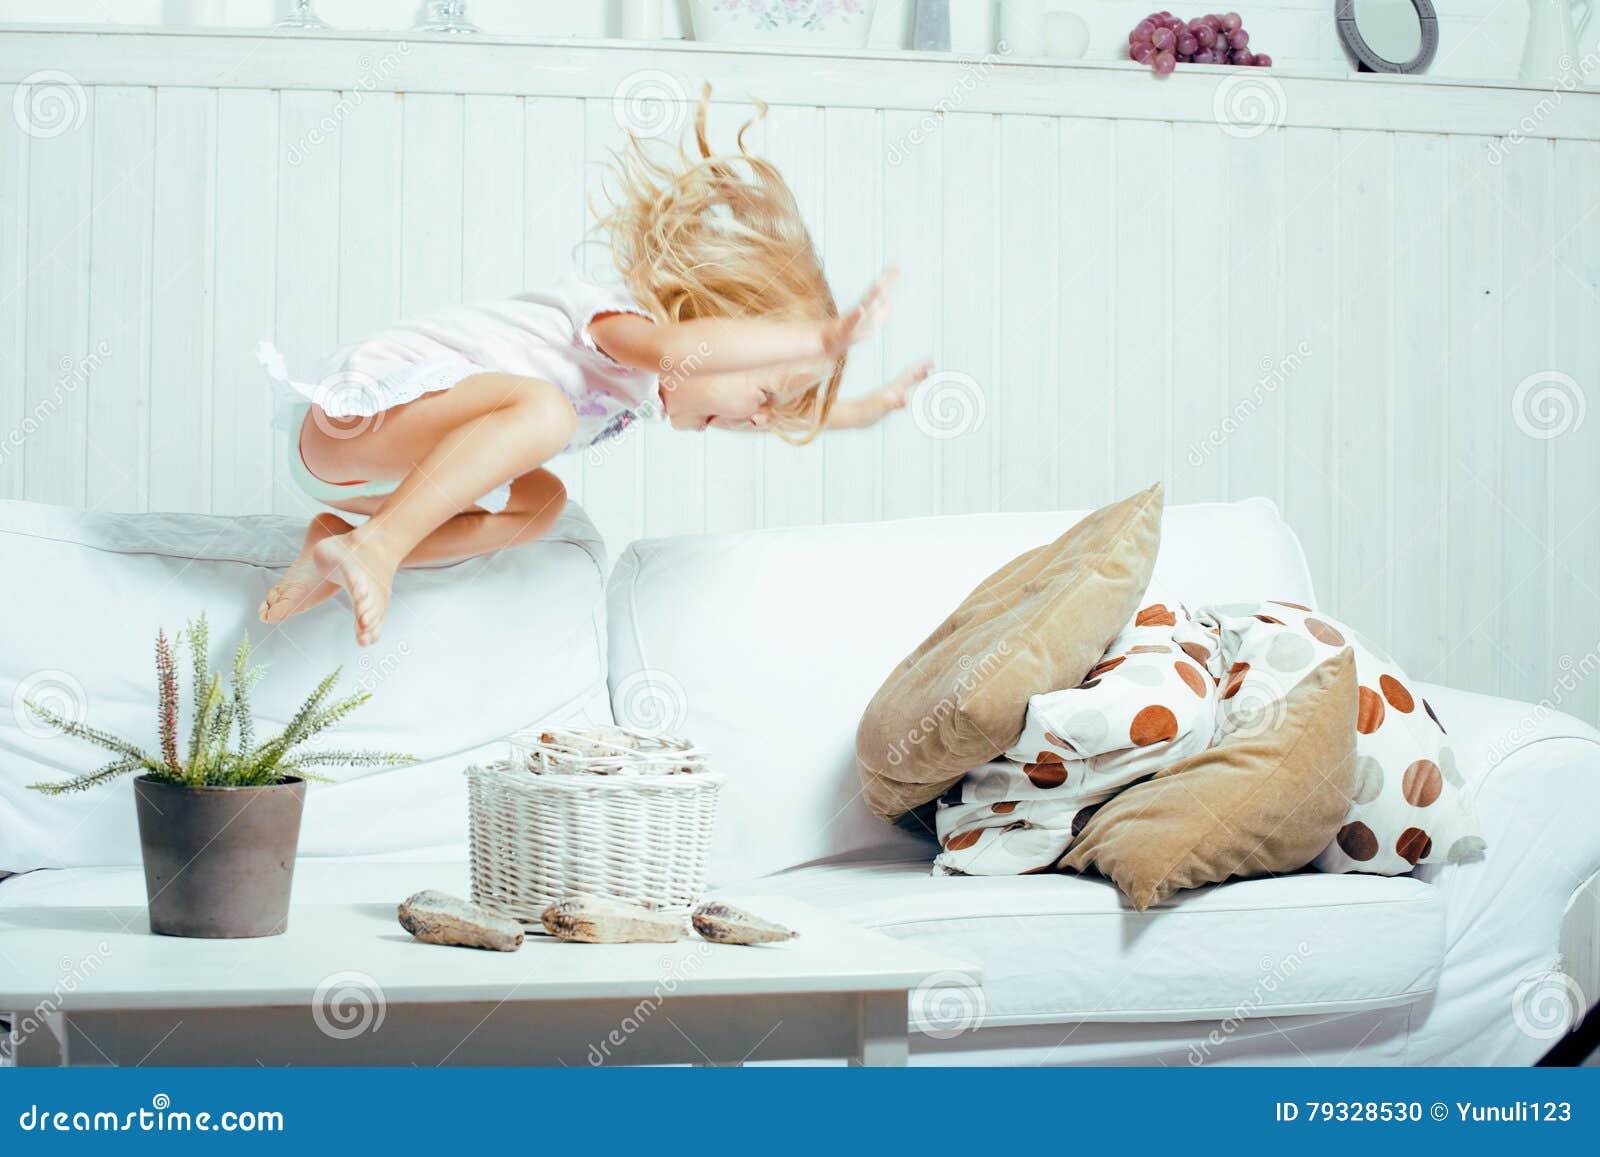 Petite fille norvégienne blonde mignonne jouant sur le sofa avec des oreillers, seul à la maison fou, concept de personnes de mod